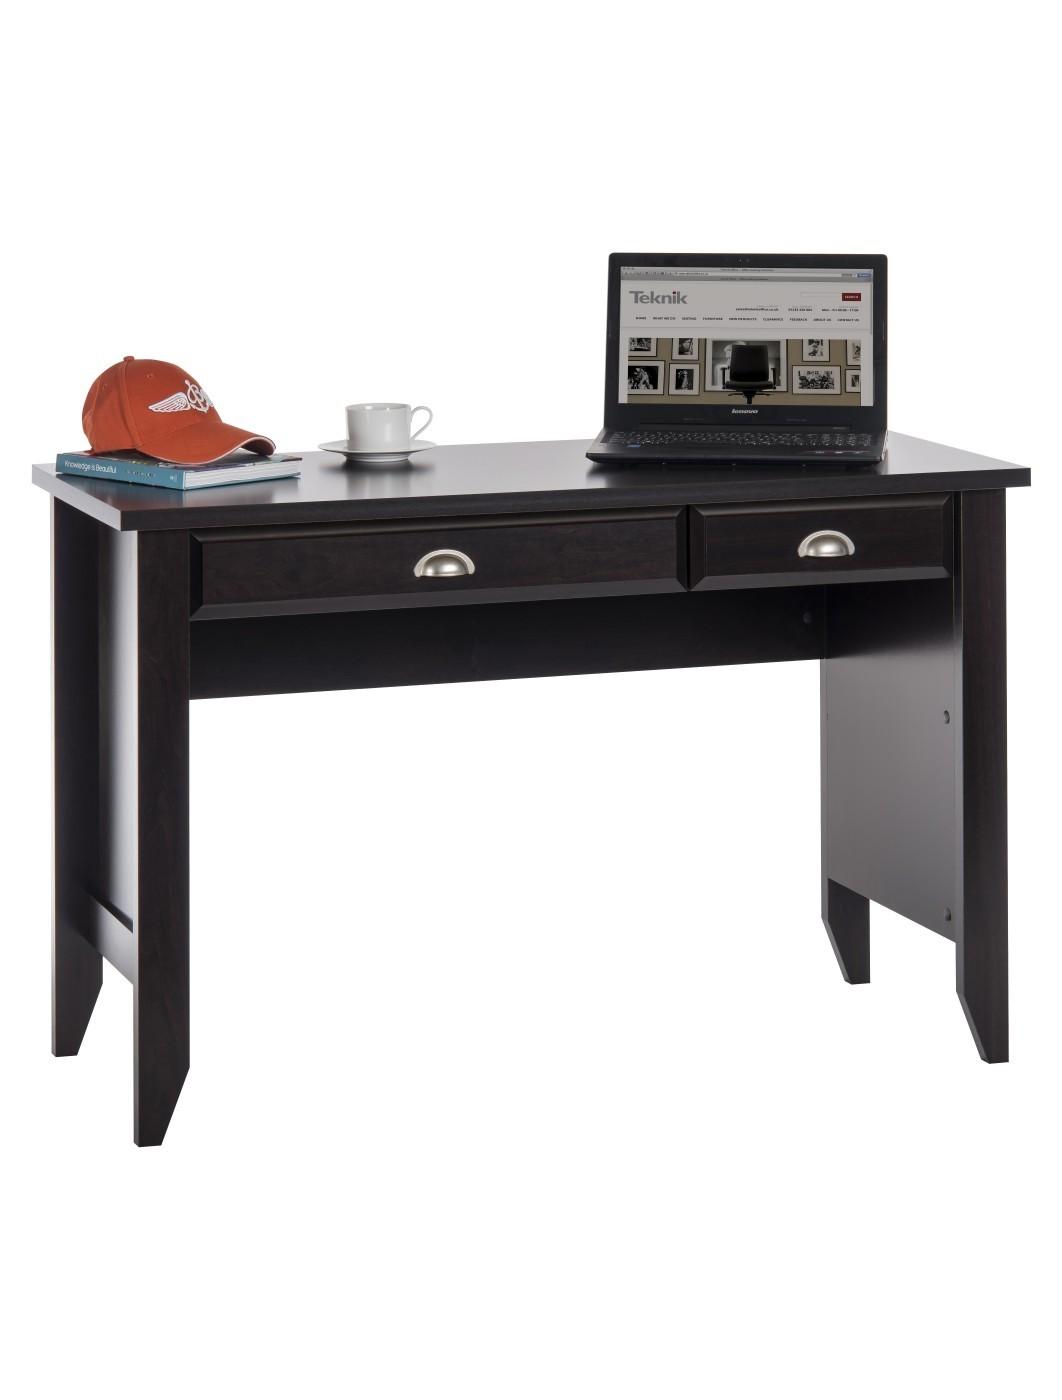 Home Office Furniture Uk Desk Set 18: Teknik Laptop Desk Jamocha Wood 5409936